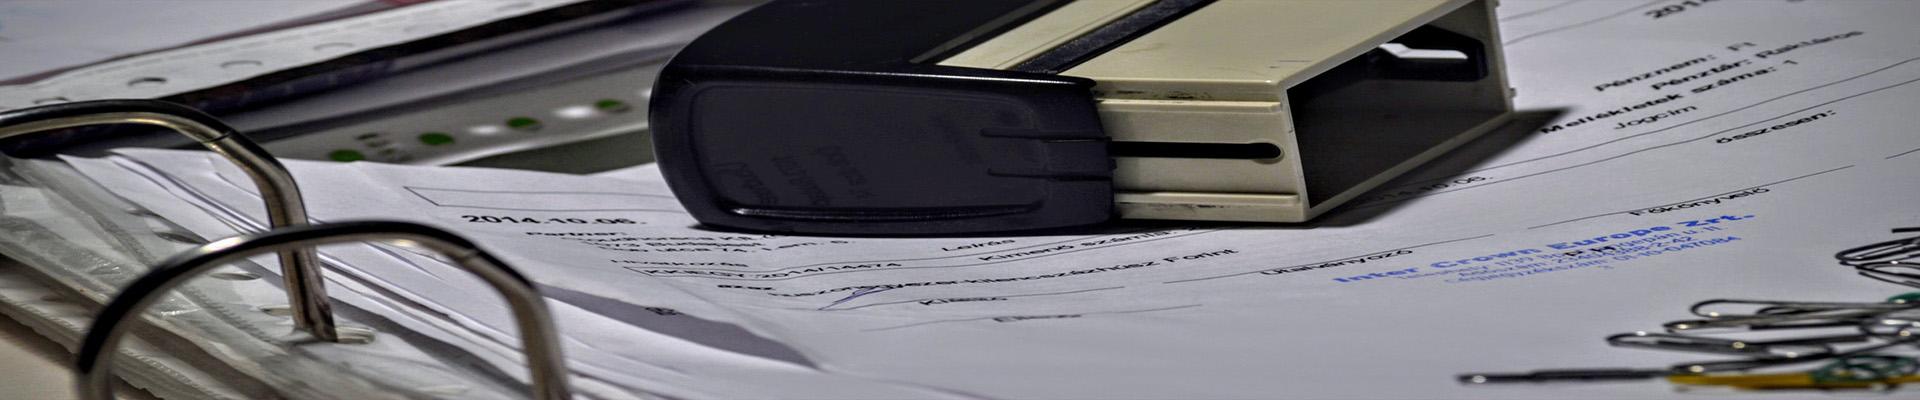 impresos registro bienes muebles valencia y provincia